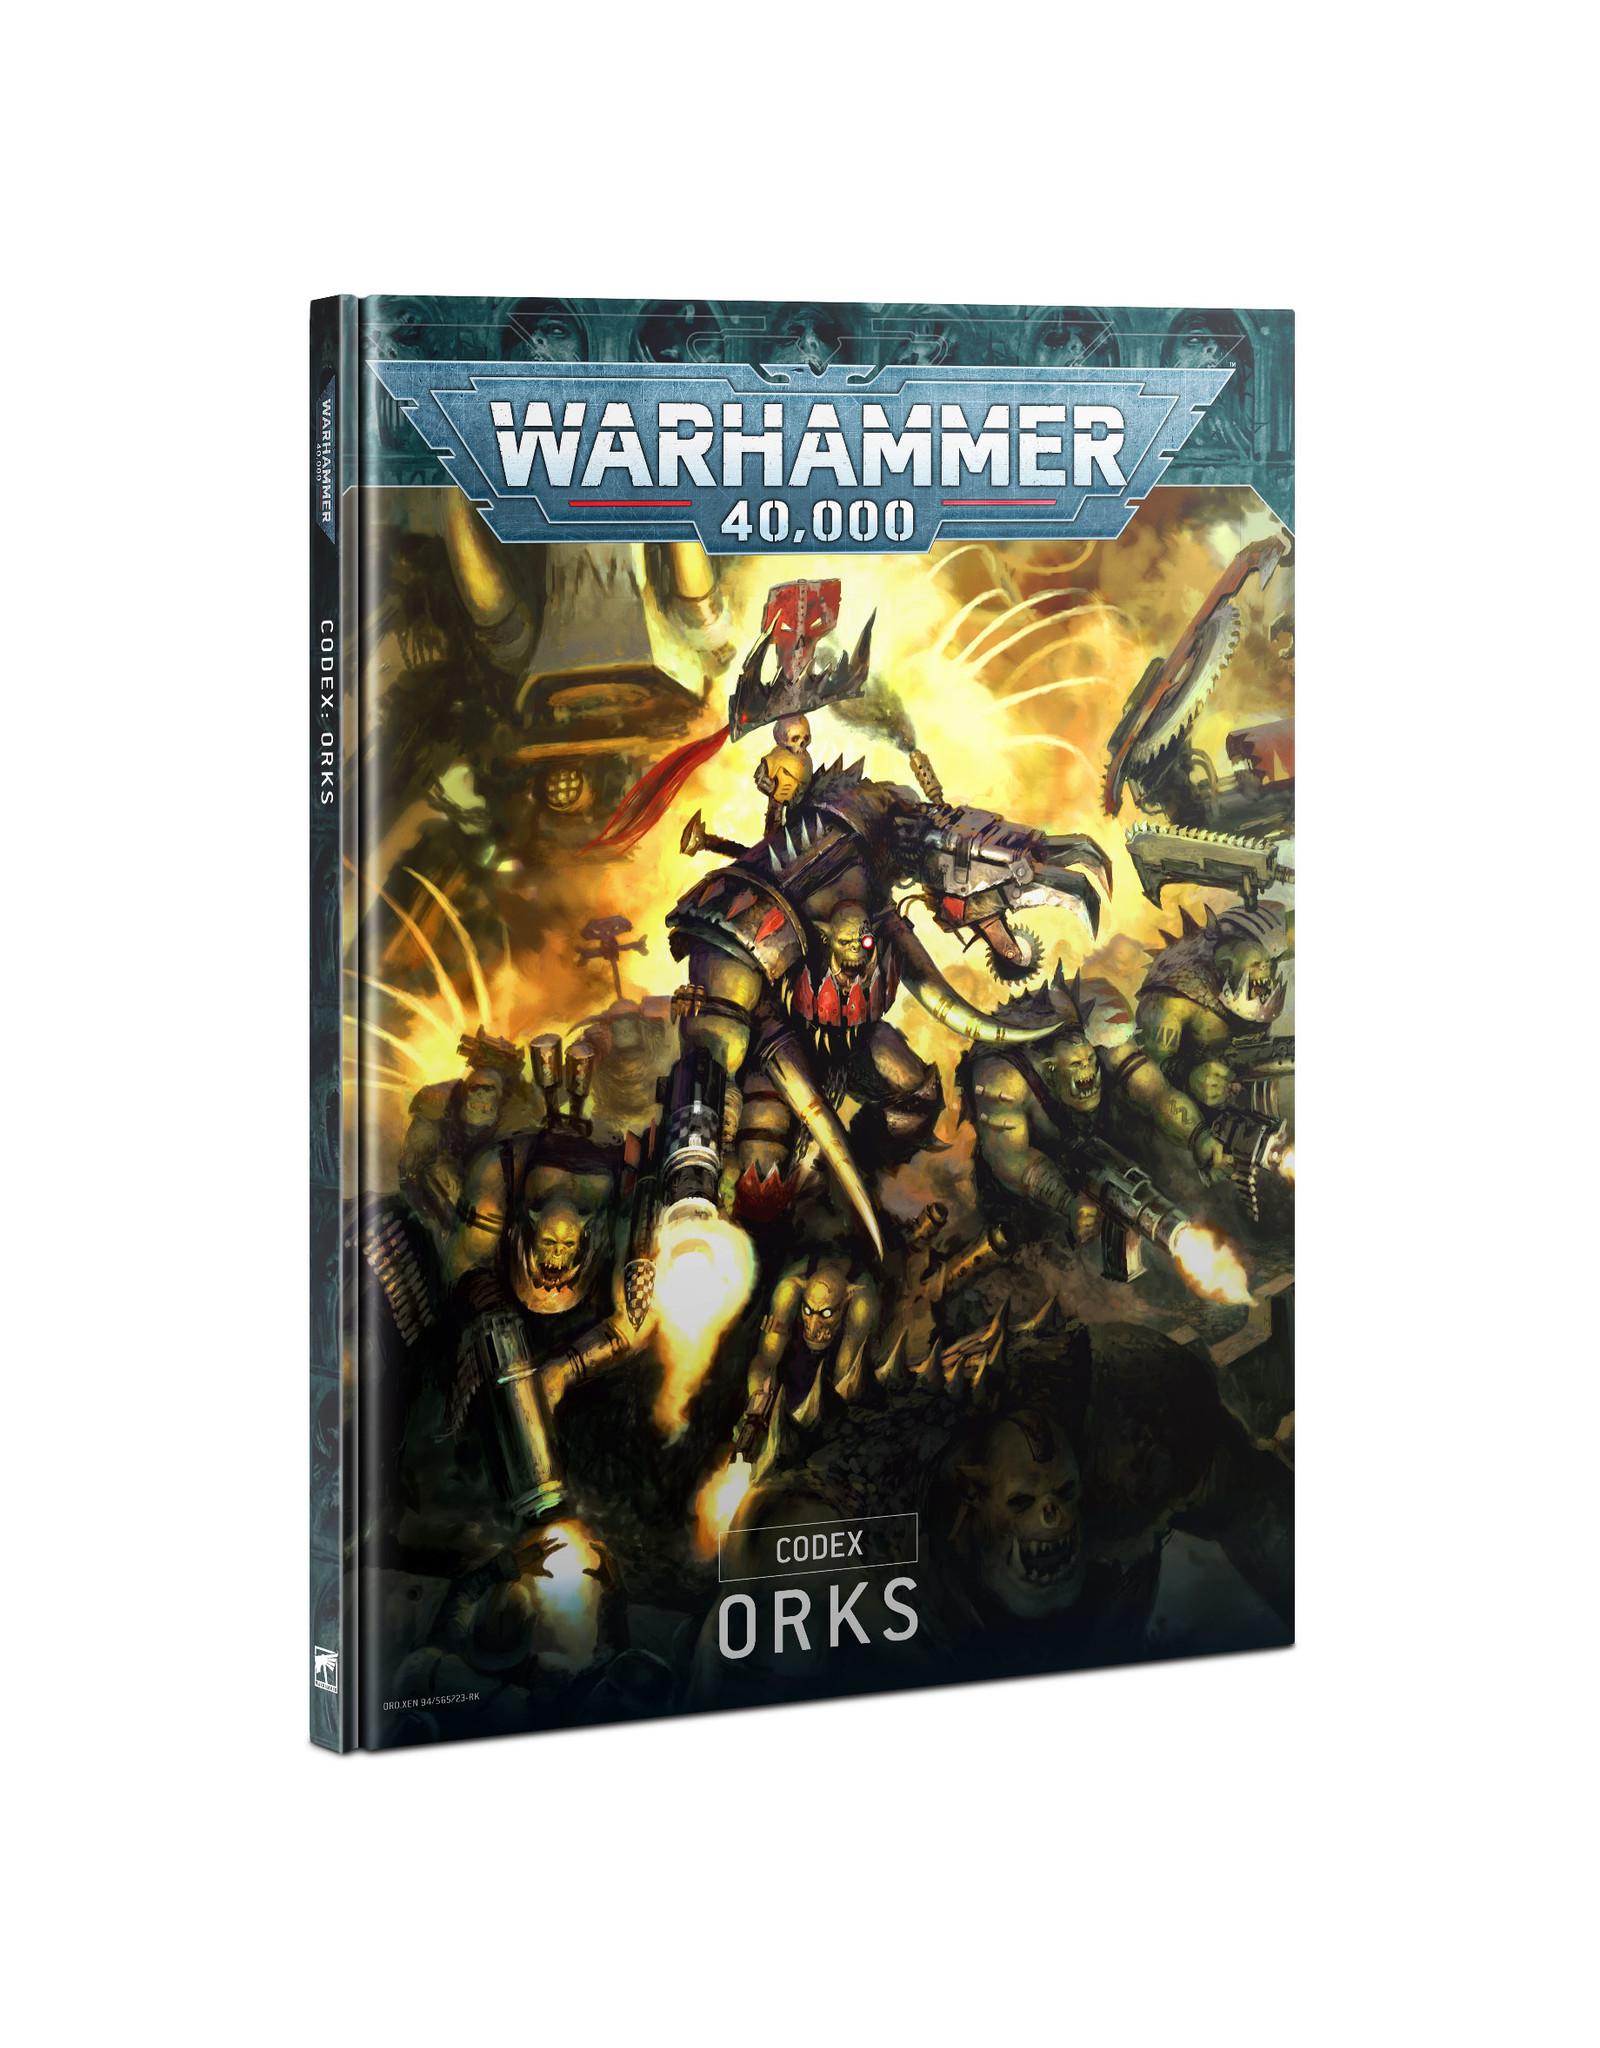 Warhammer 40K Codex: Orks